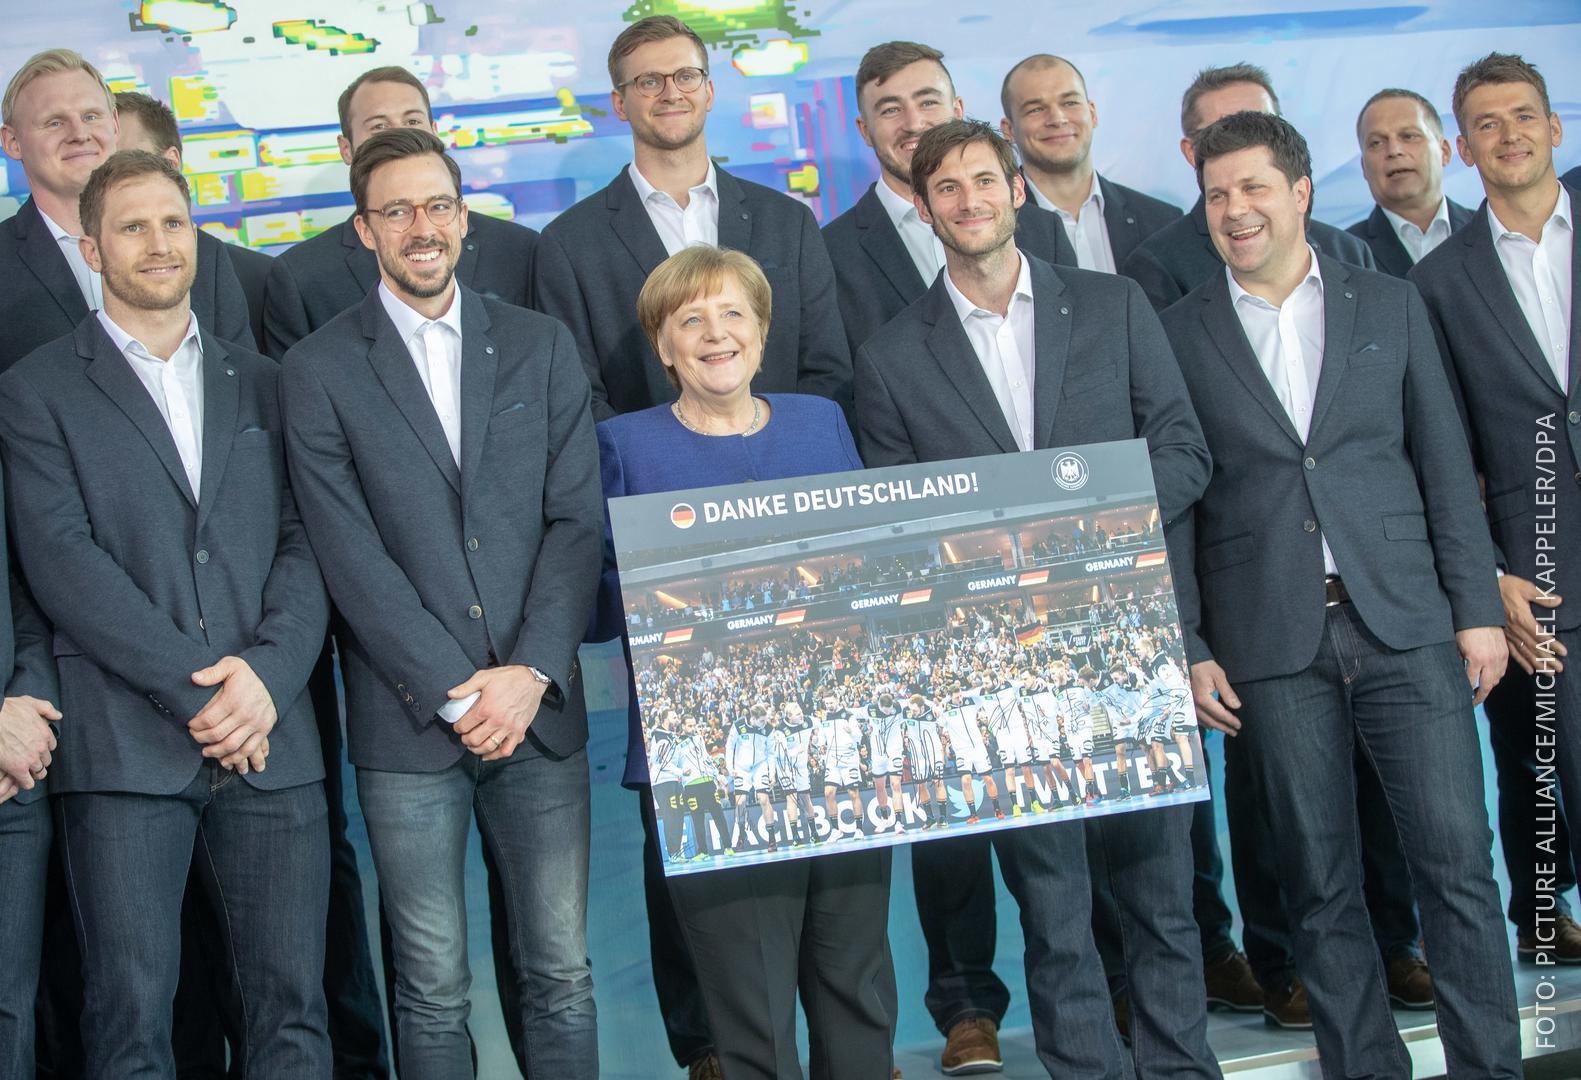 Gruppenbild Handballer mit Merkel